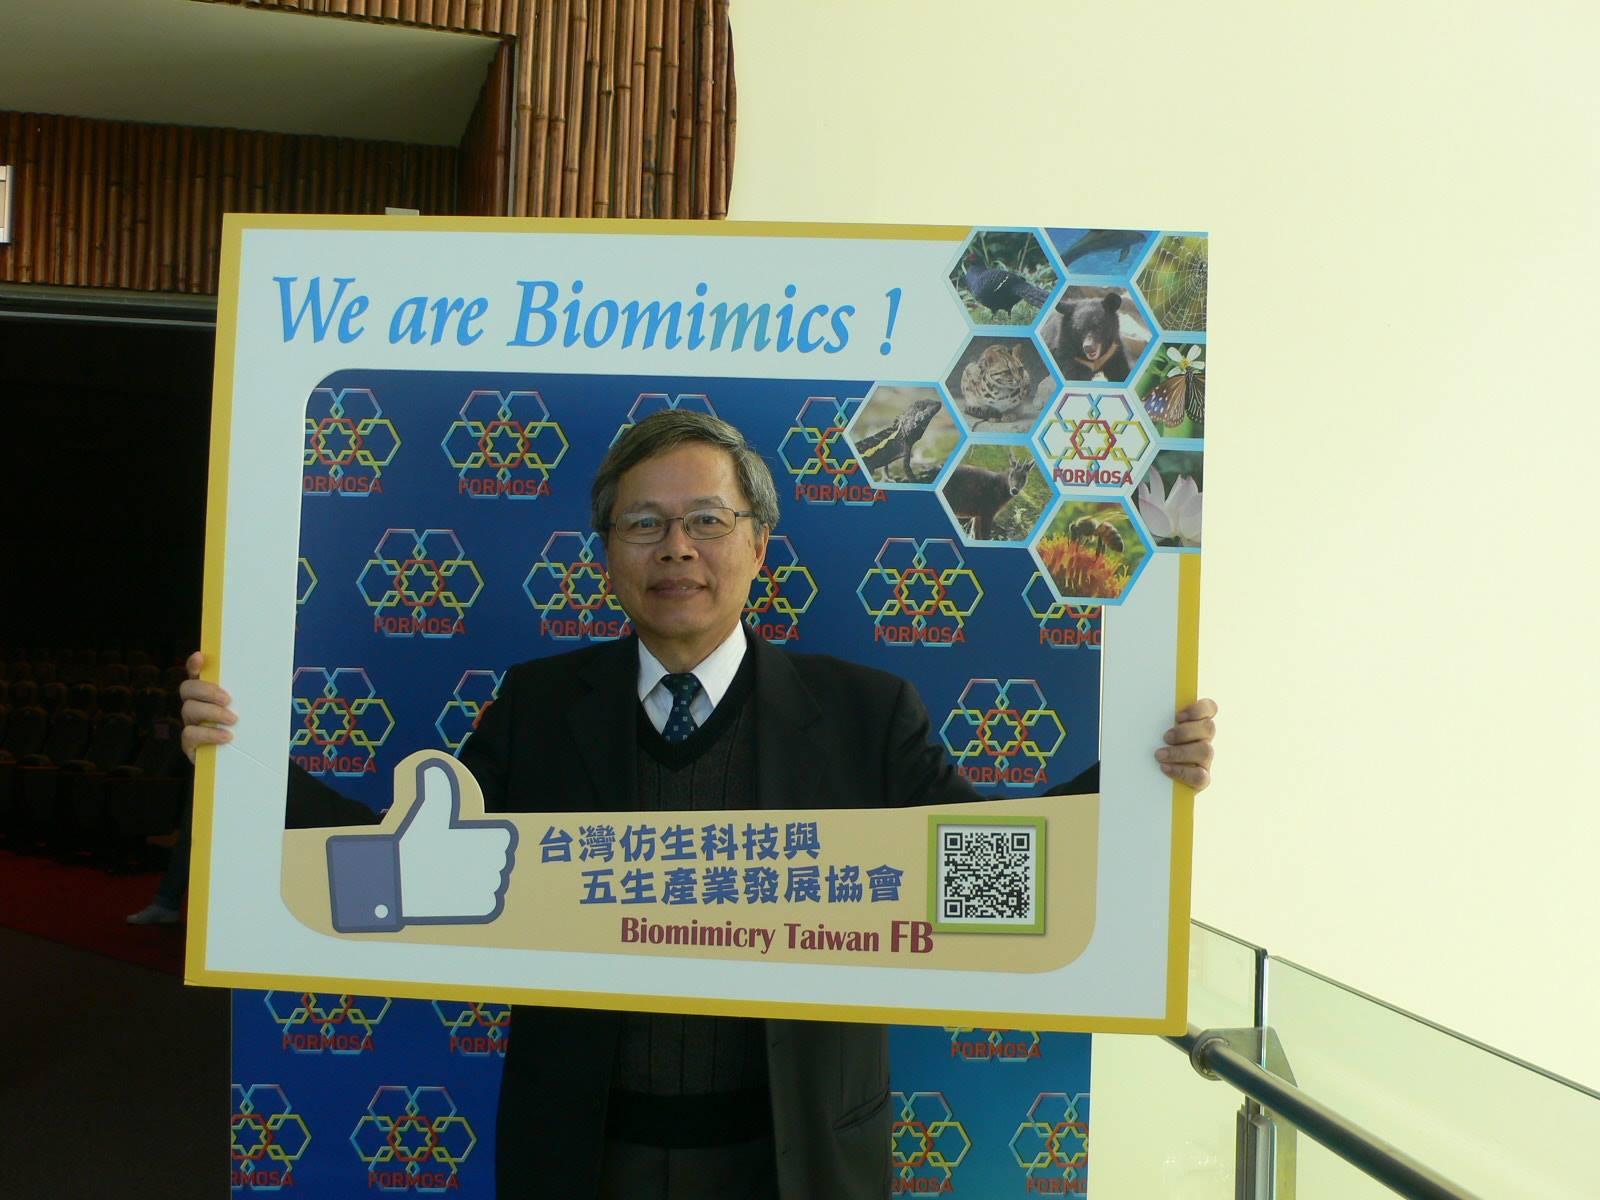 台大機械系楊鏡堂終身特聘教授02